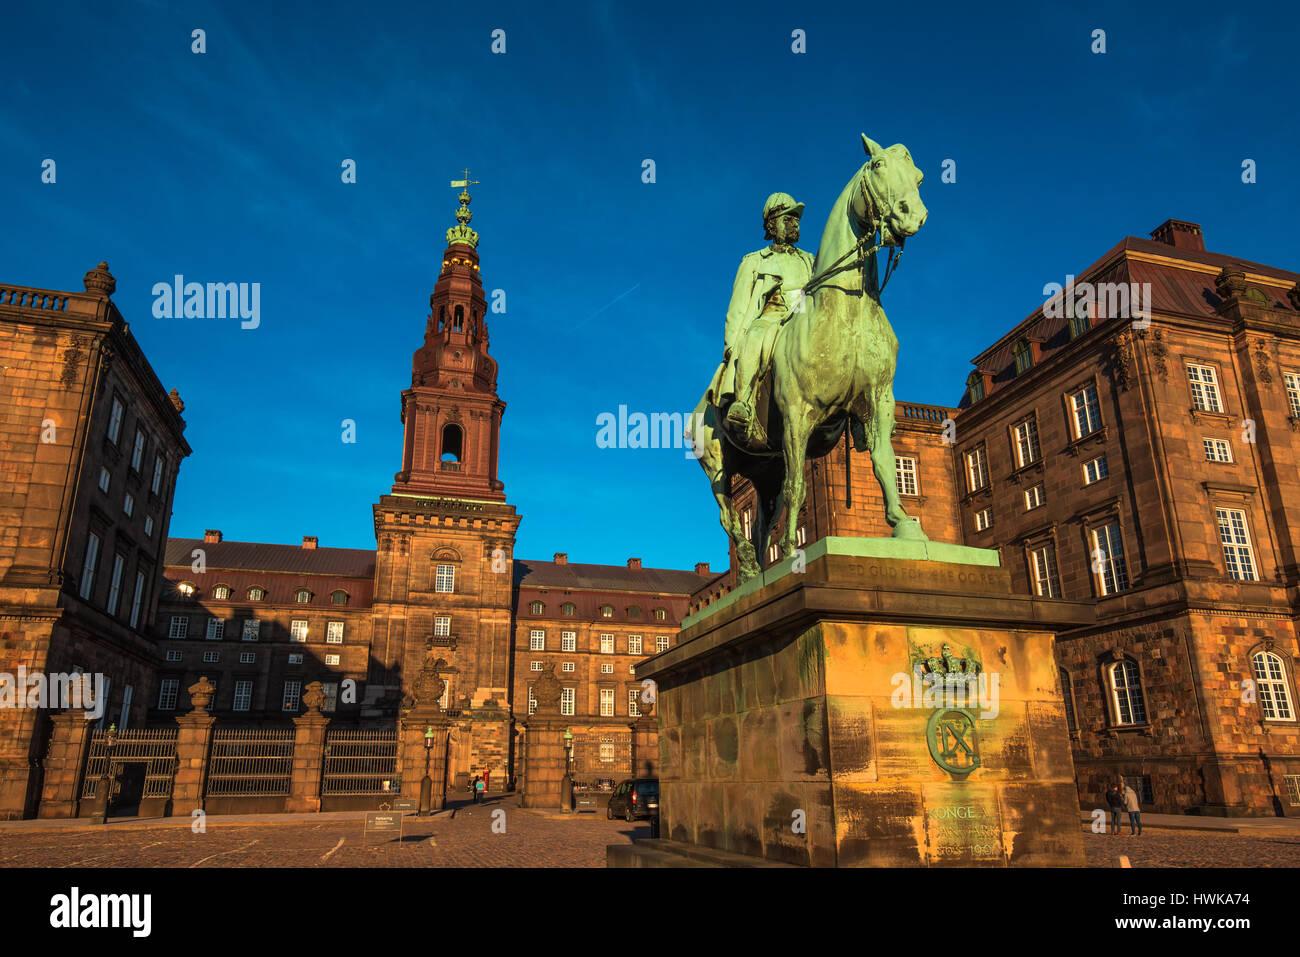 COPENHAGEN, Danimarca - 11 Marzo 2017: la statua equestre di re Cristiano ix Copenhagen Danimarca all'interno Immagini Stock